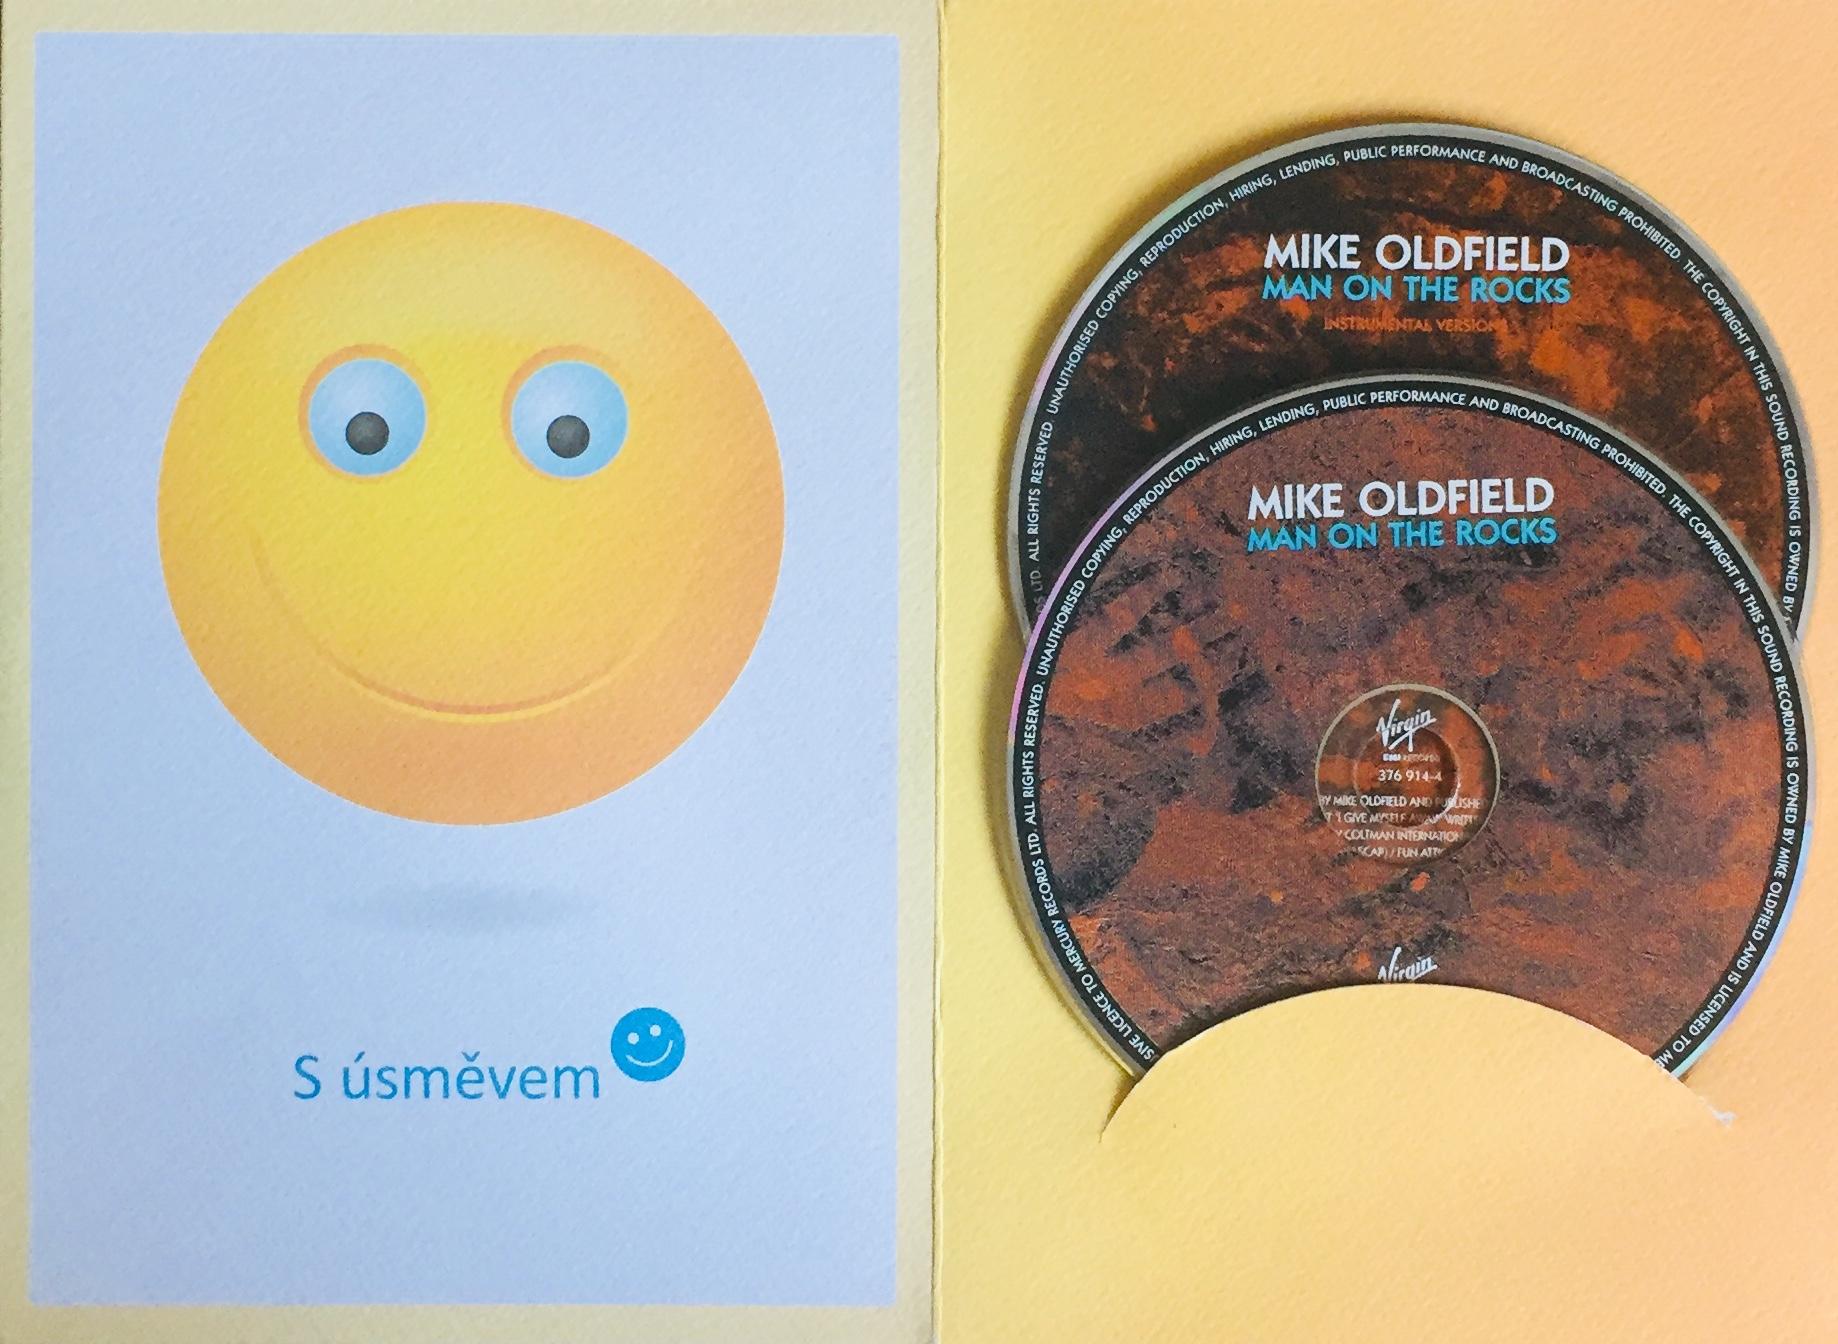 Mike Oldfield - Man on the Rocks - CD - 2xCD /dárkový obal/